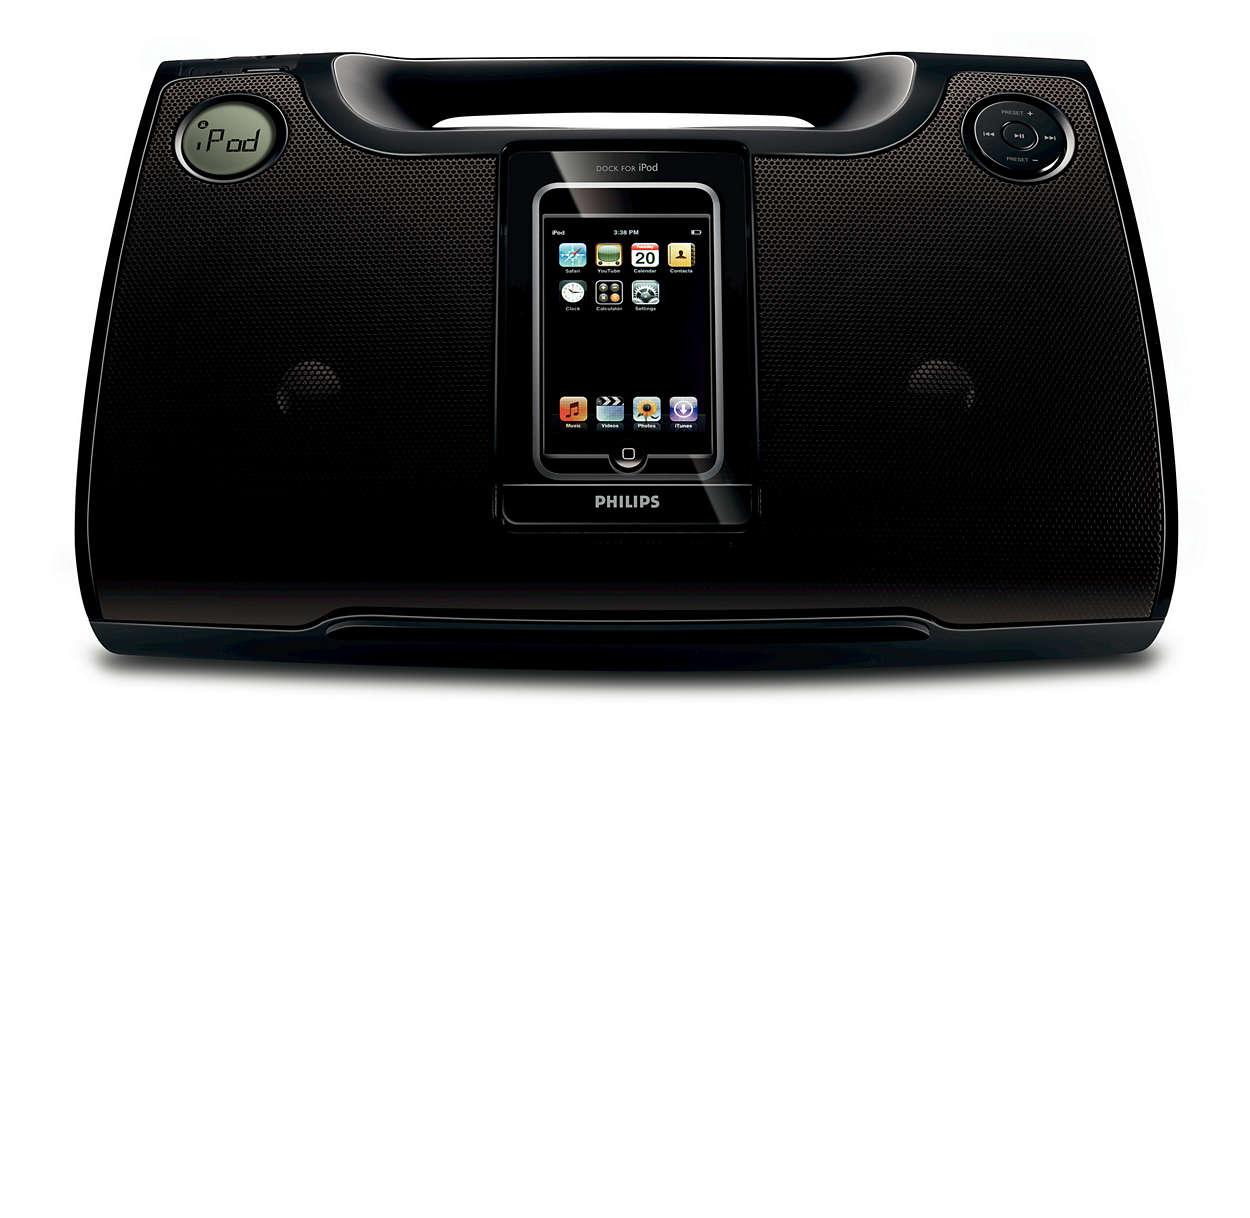 Få musikken fra din iPod og MP3-afspiller ud, uanset hvor du er